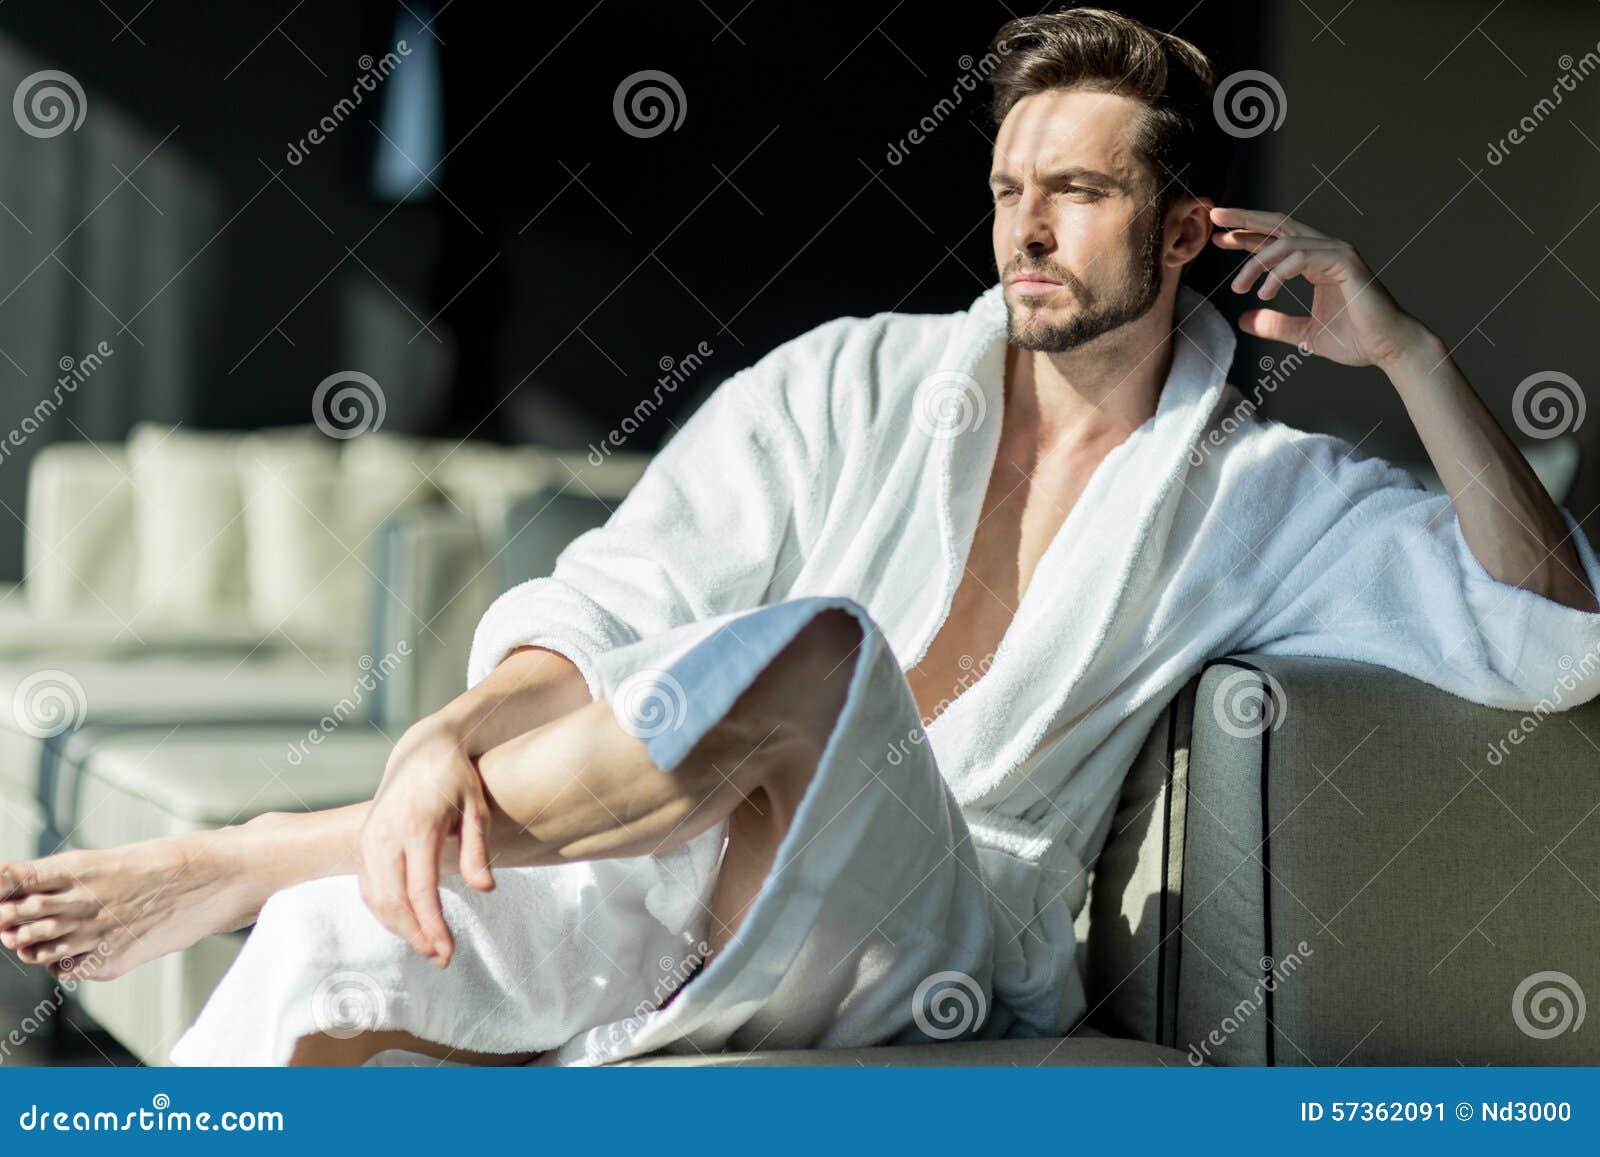 Νέο, όμορφο άτομο το πρωί που σκέφτεται καθμένος σε ένα ρ